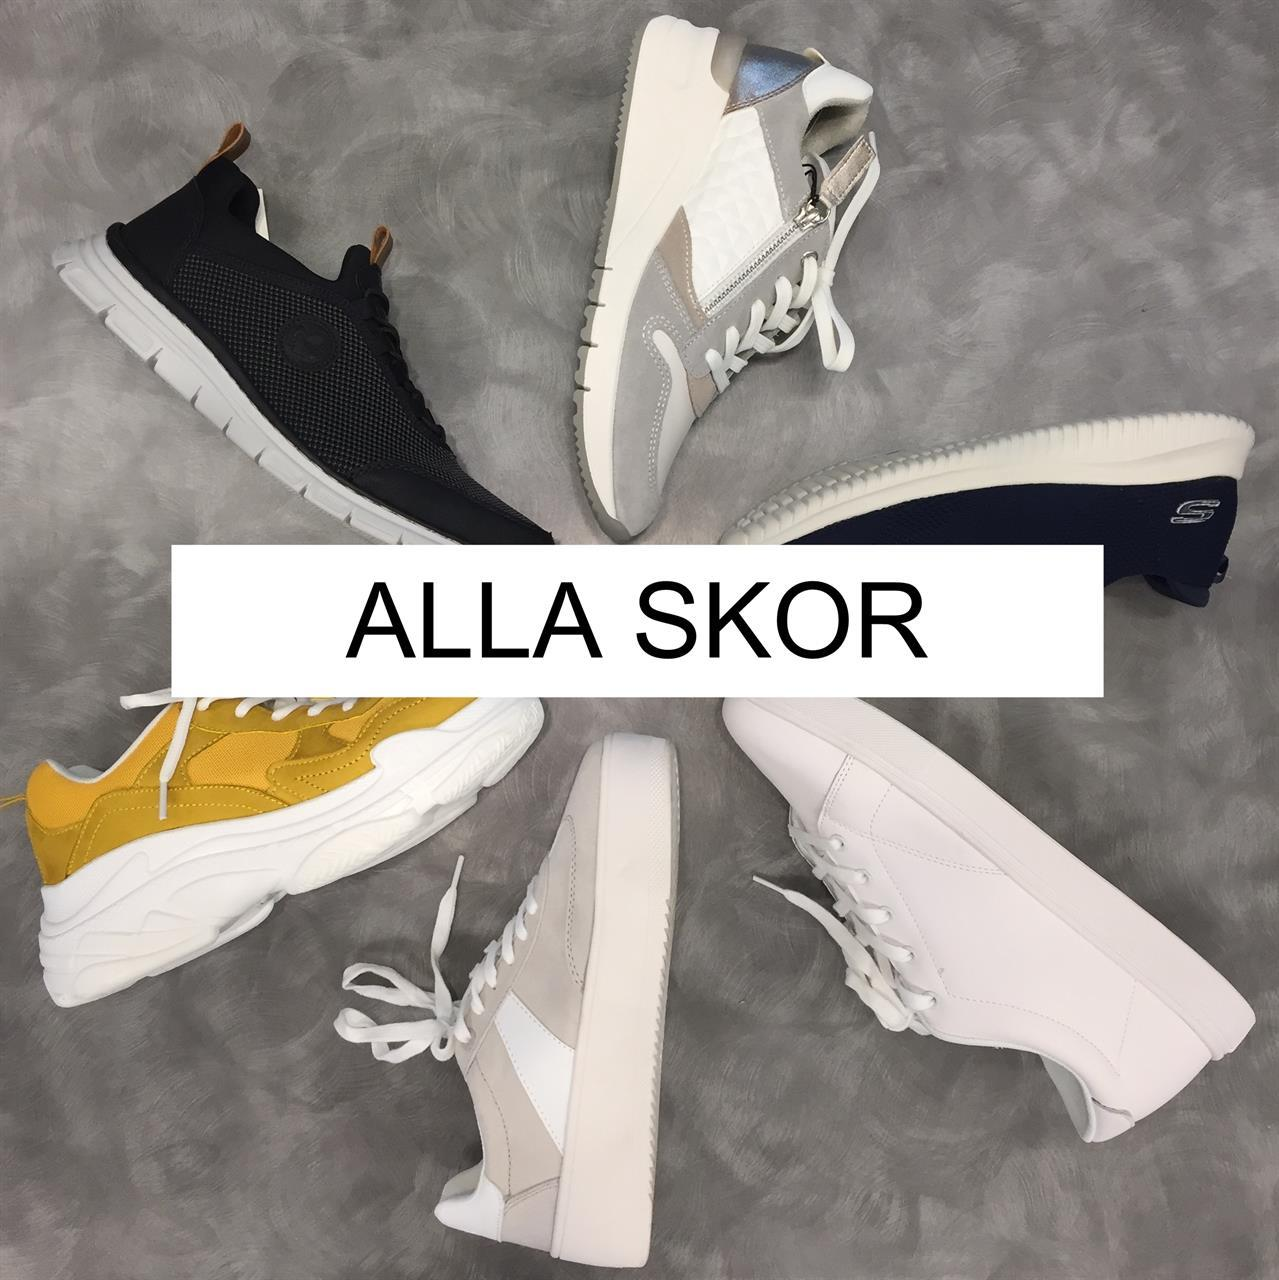 Alla skor